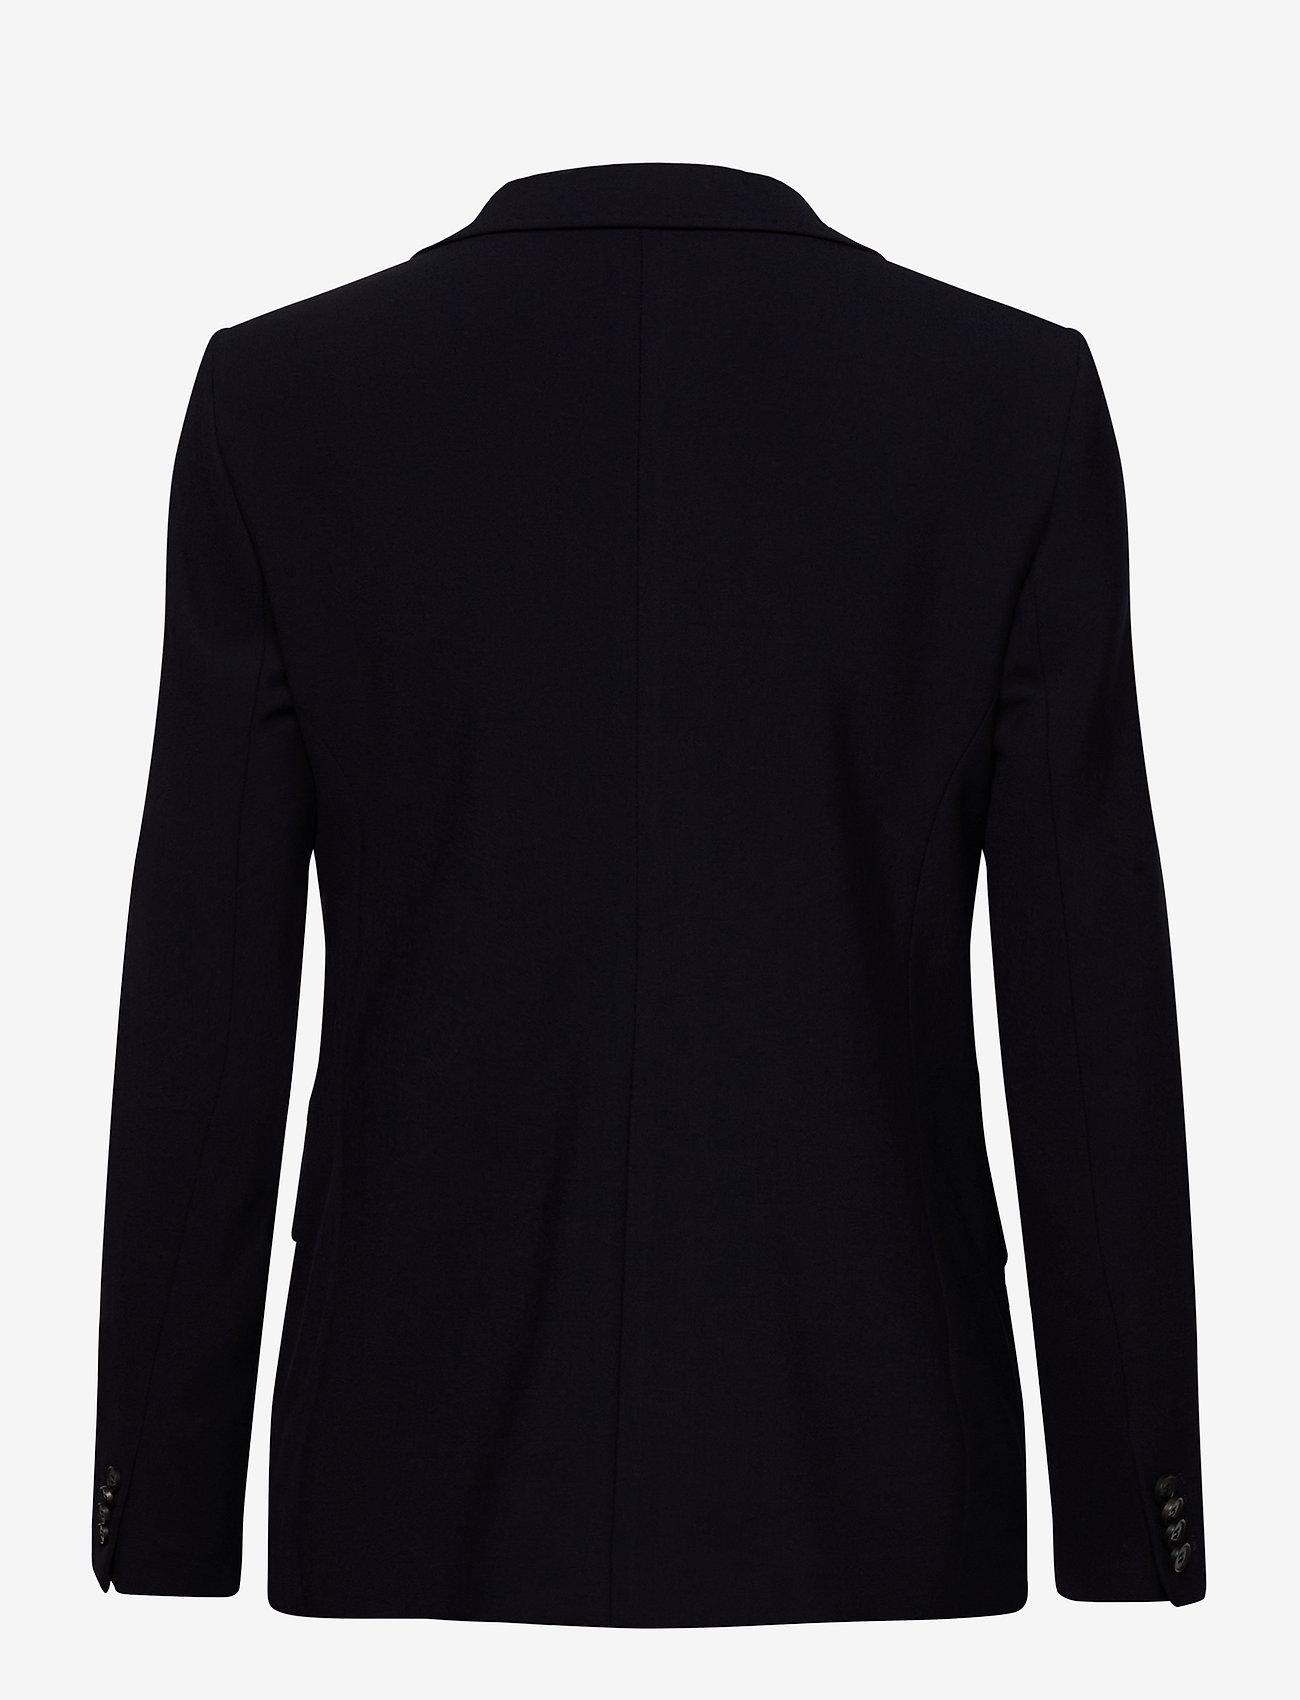 SAND - 3596 - Ginette - getailleerde blazers - dark blue/navy - 1